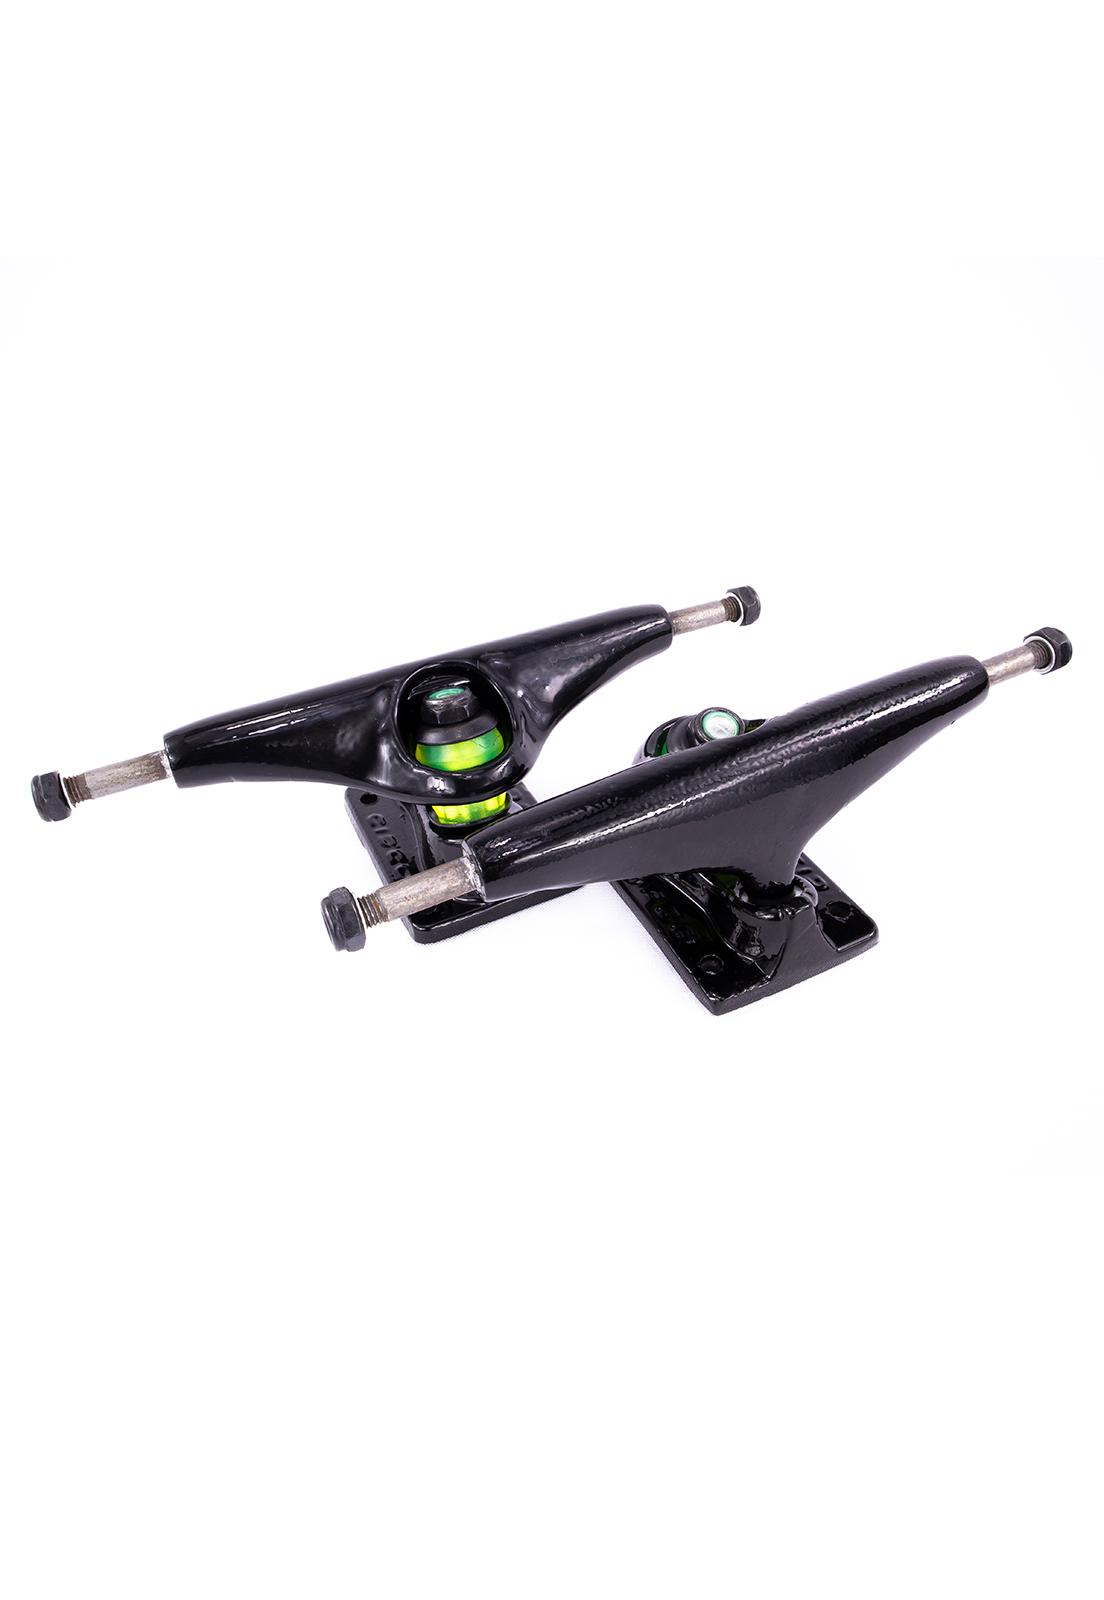 Truck Cisco Skate 149mm Black